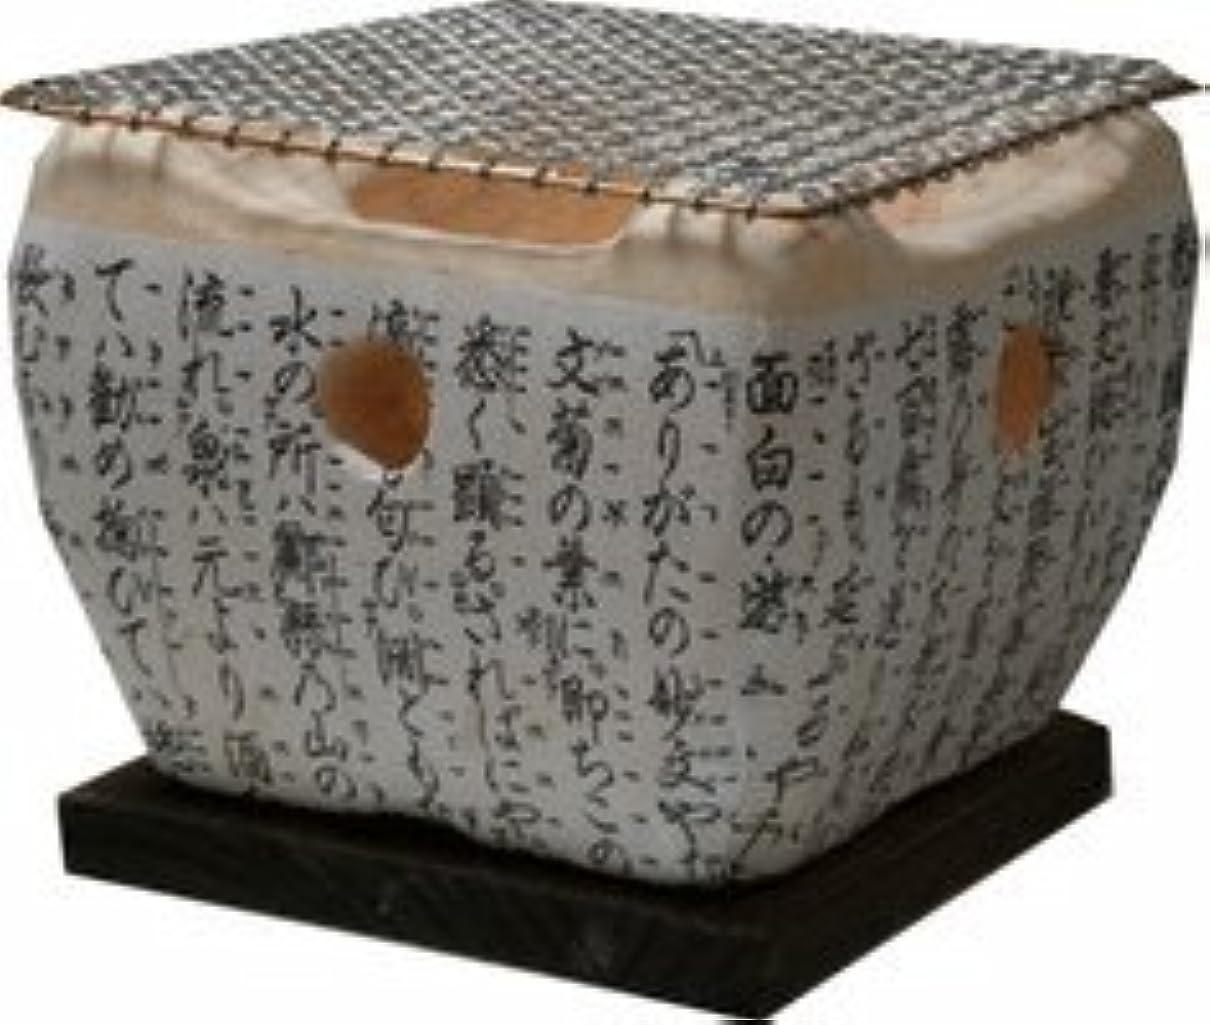 ゲートウェイ斧りんご和楽 ミニ 七輪 (約)直径16cm L-897